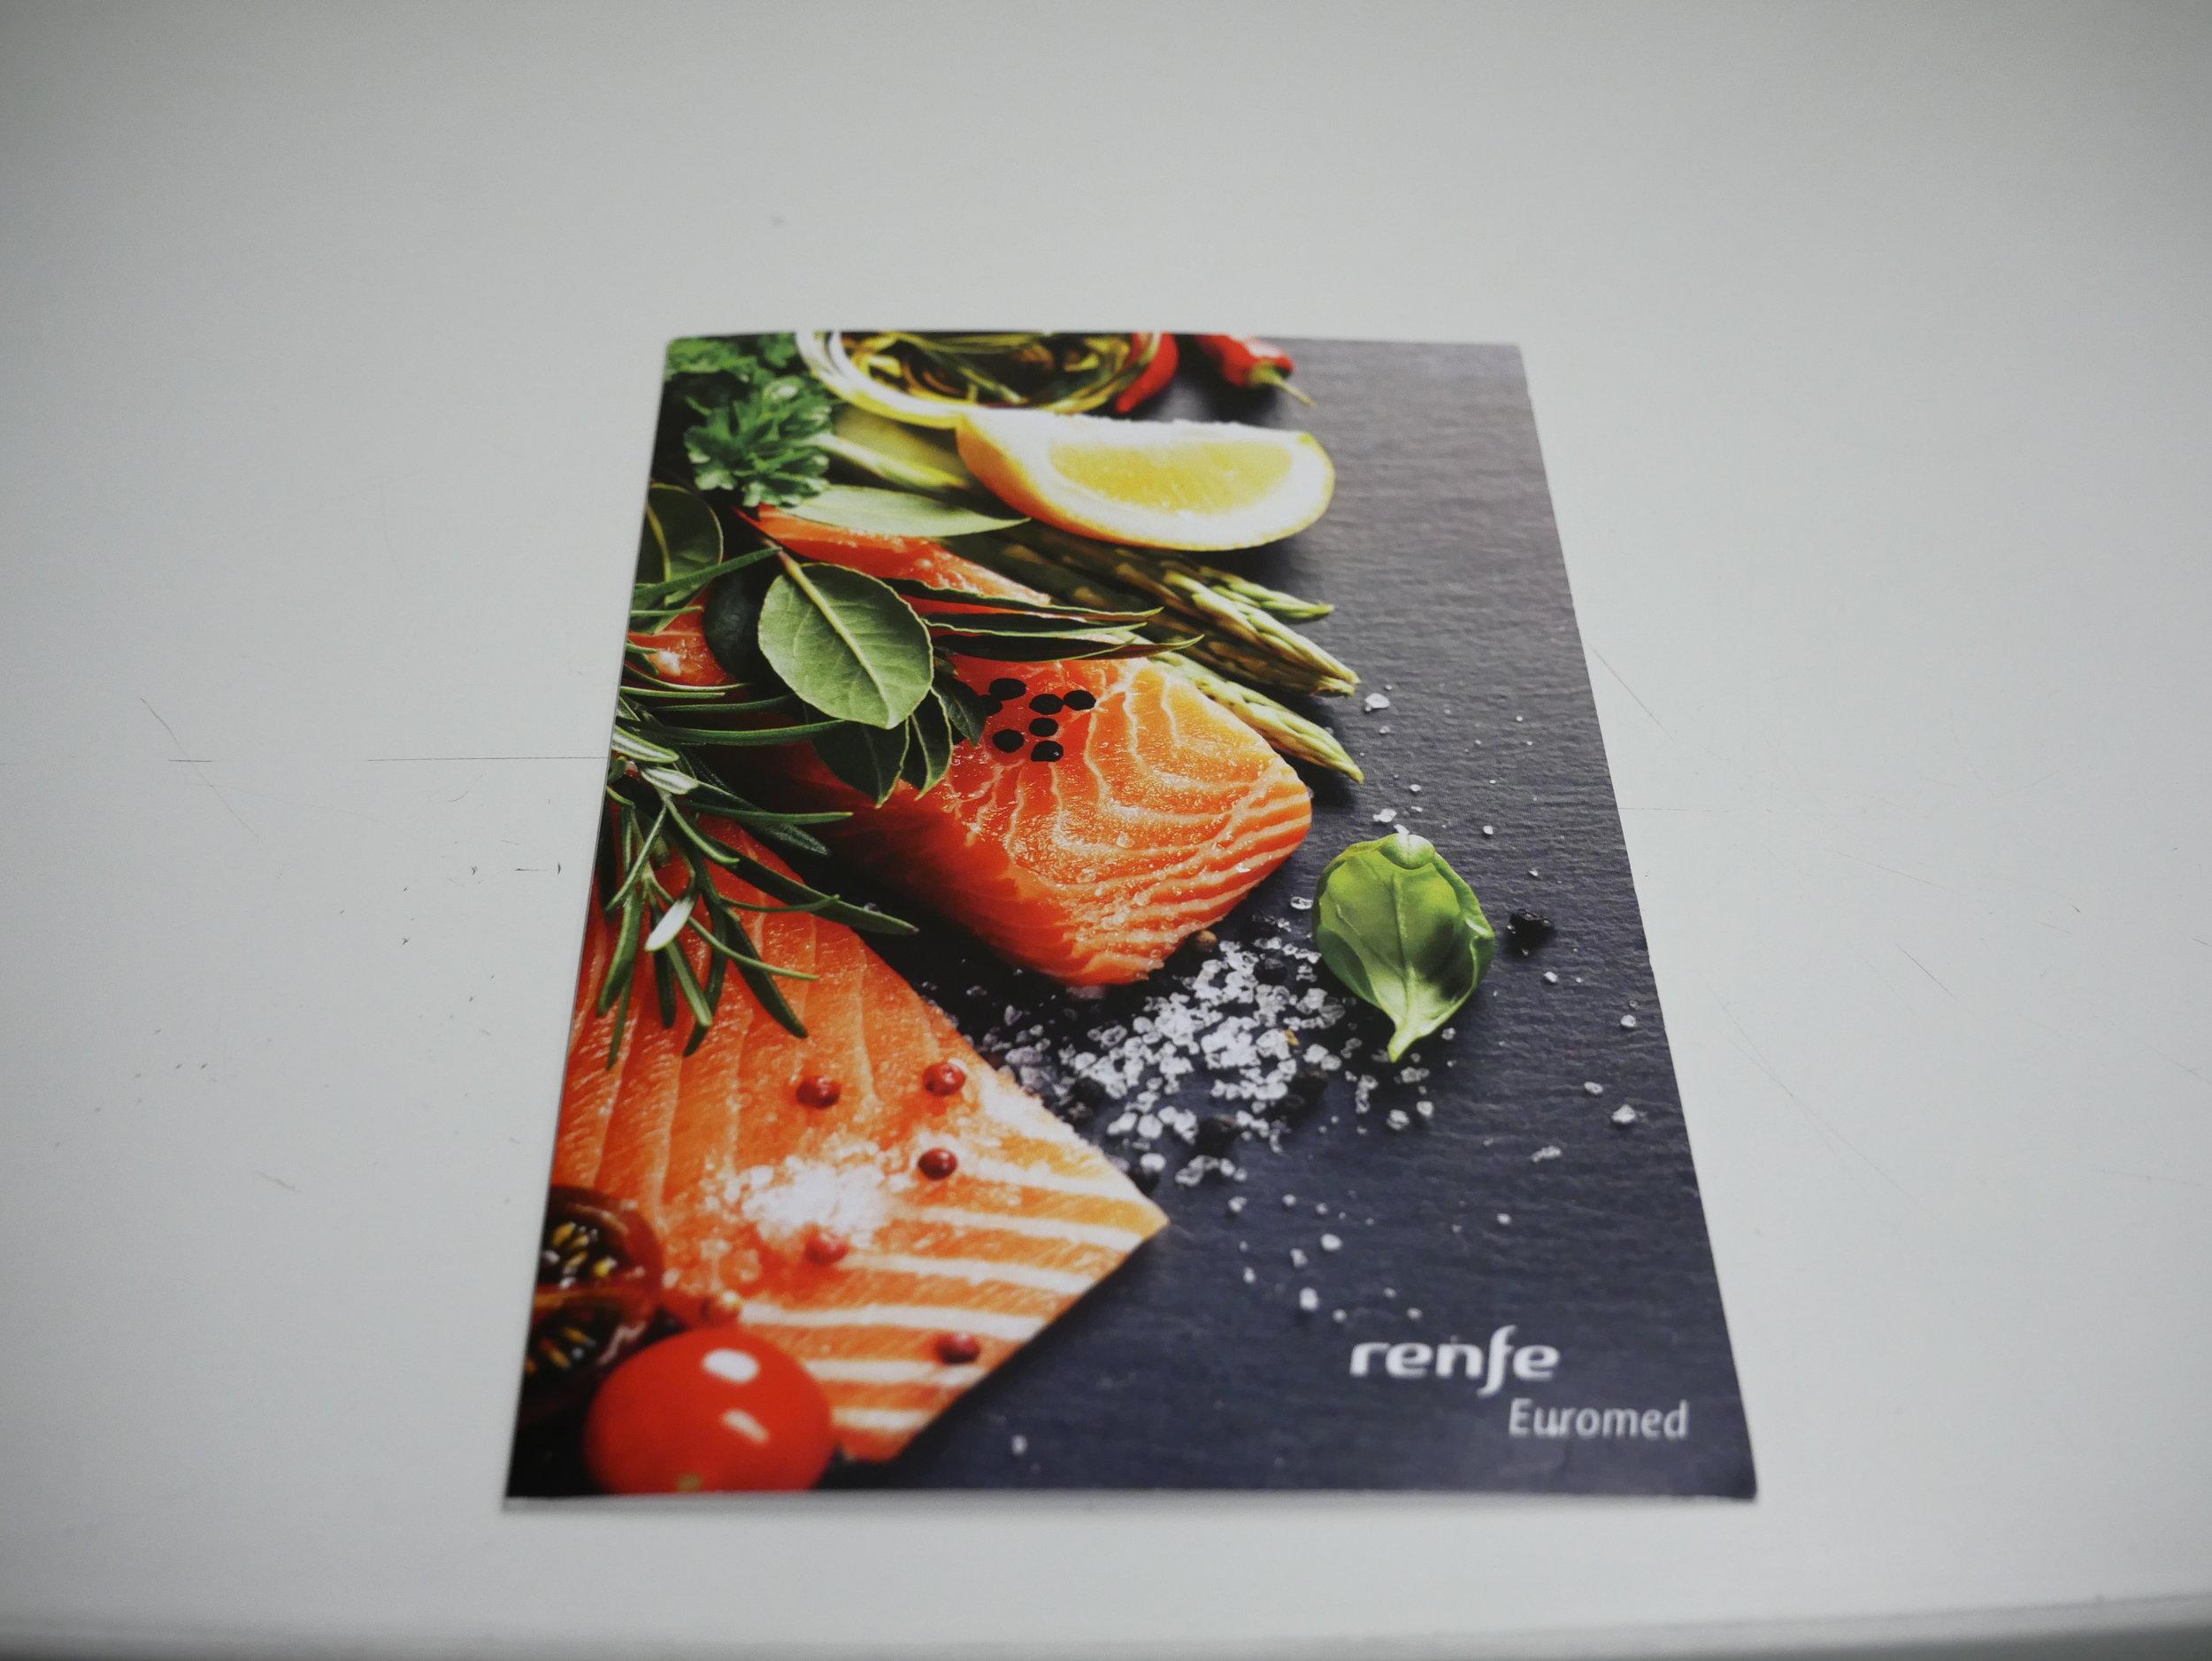 Euromed Preferente menu cover